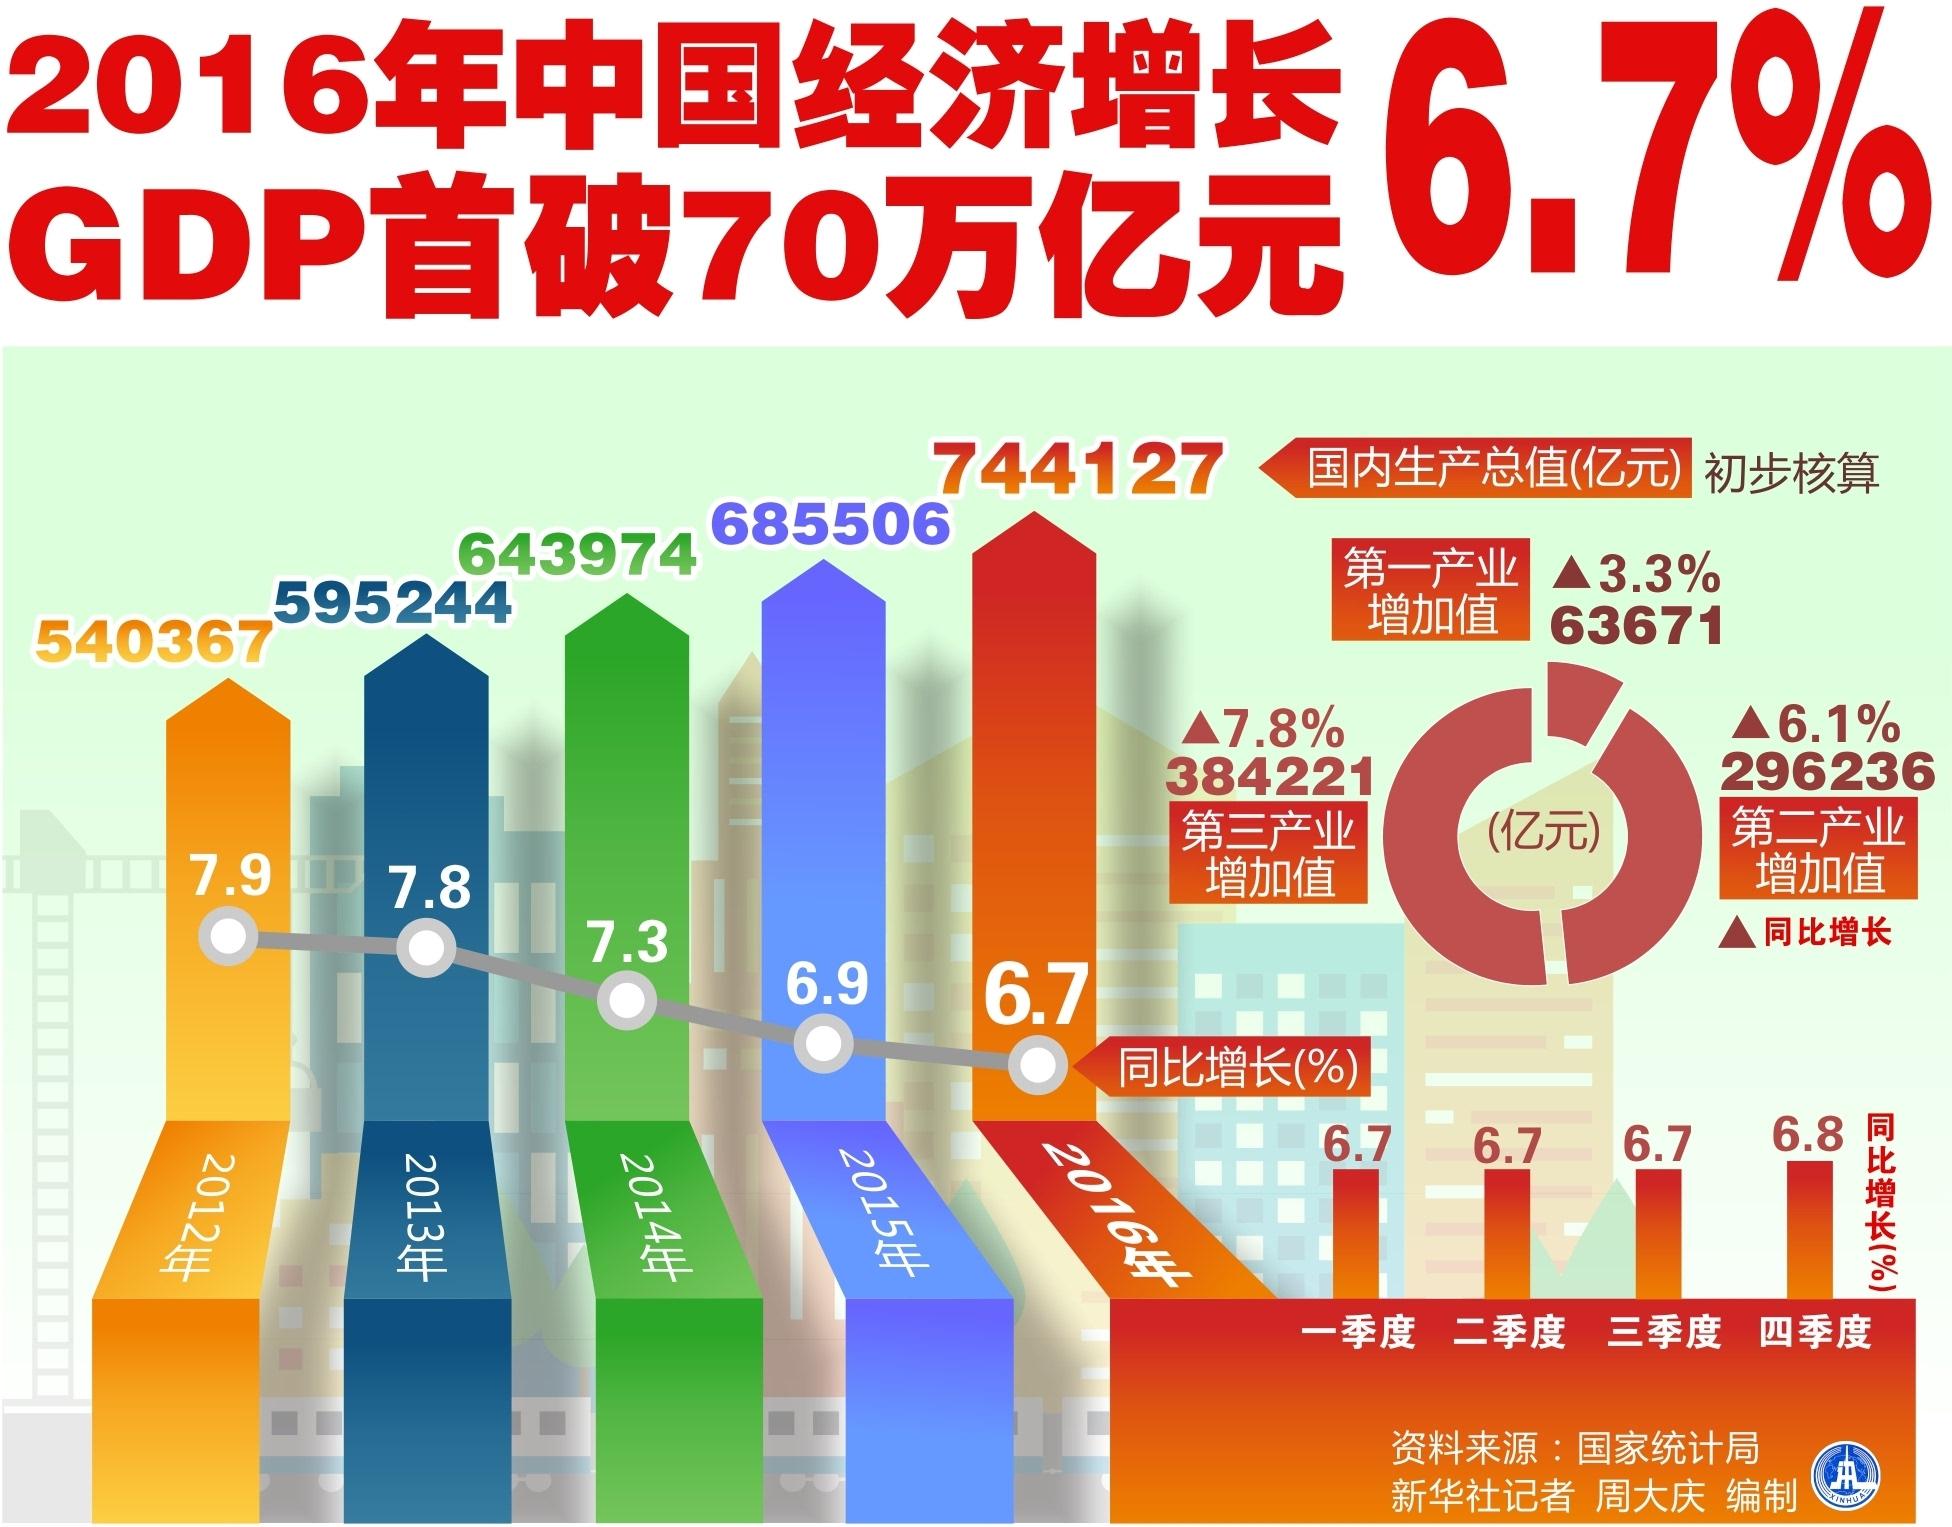 万亿gdp_城市化进入下半场,谁崛起 谁掉队 2018中国城市GDP前20座次终排定(3)